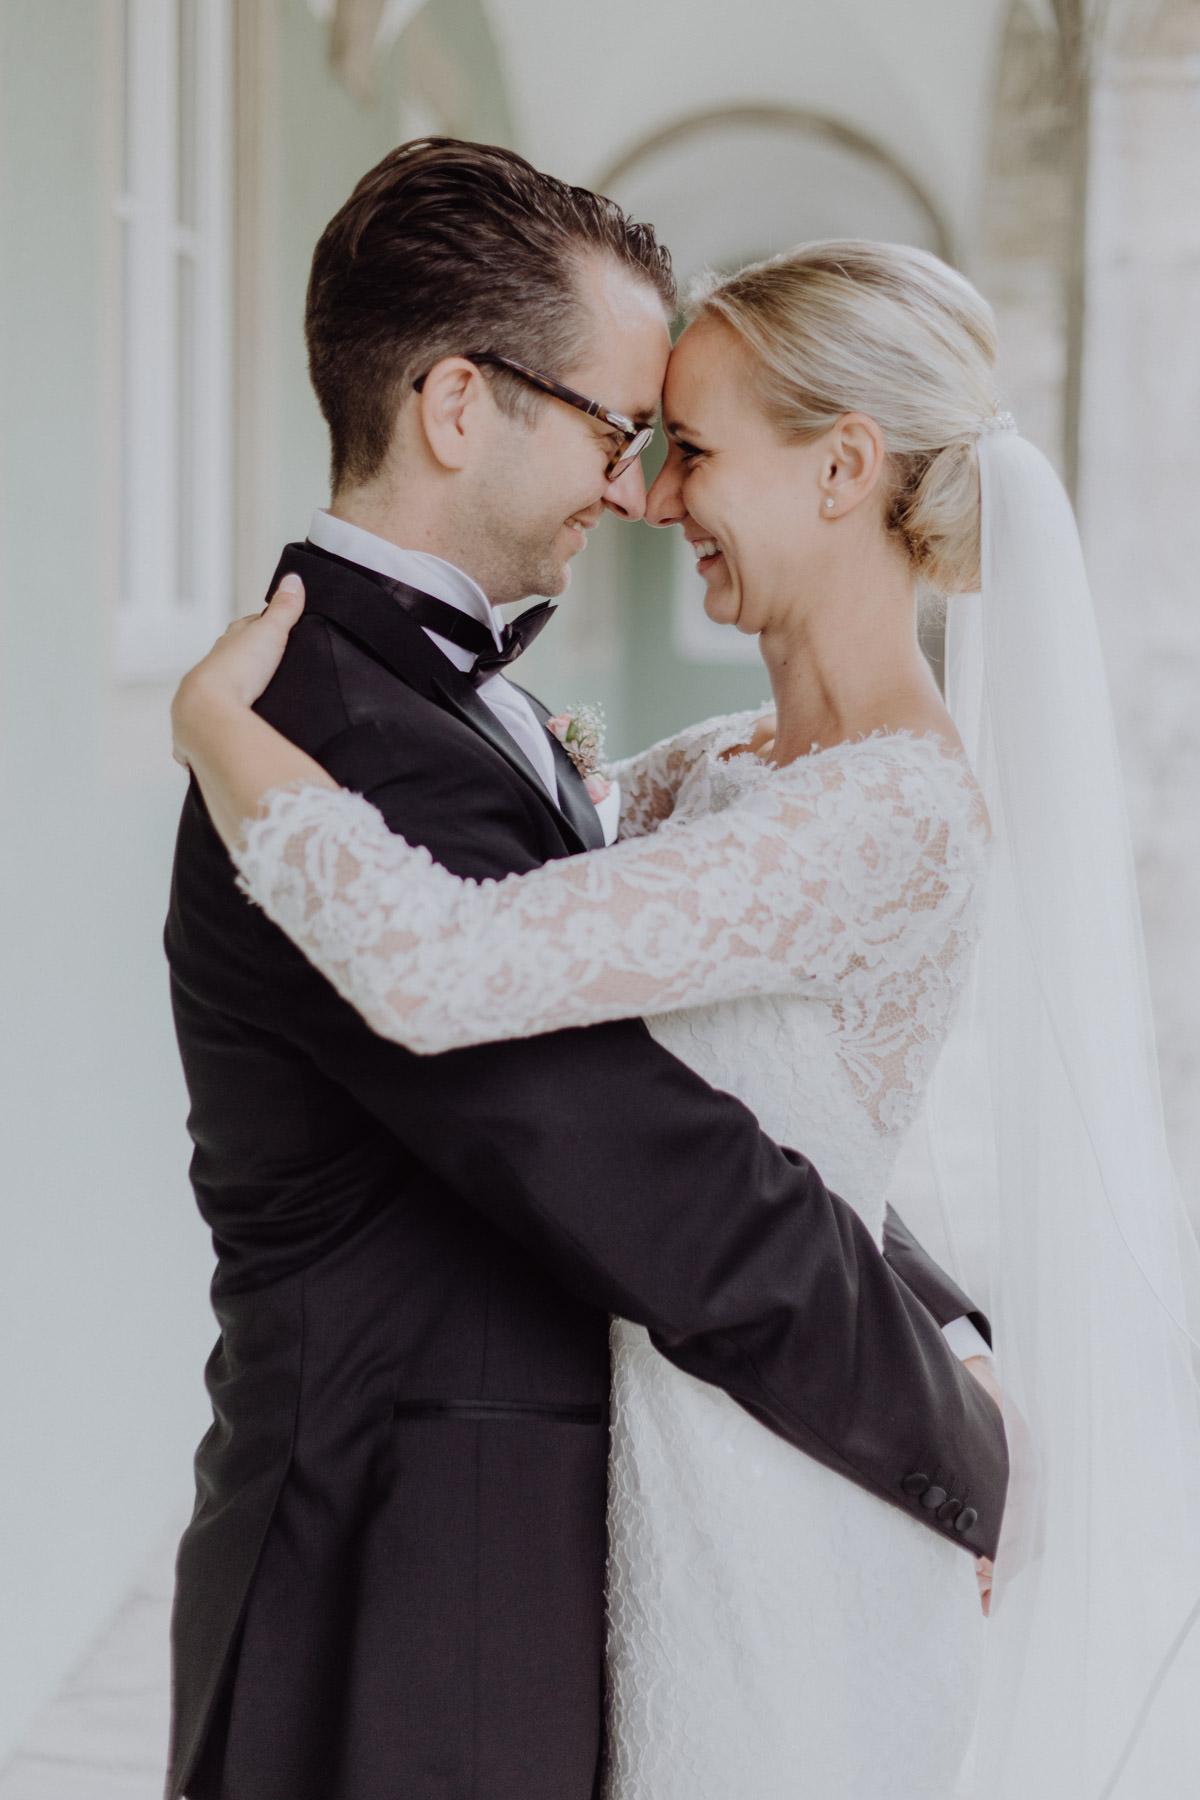 Professionelles Hochzeitsportrait